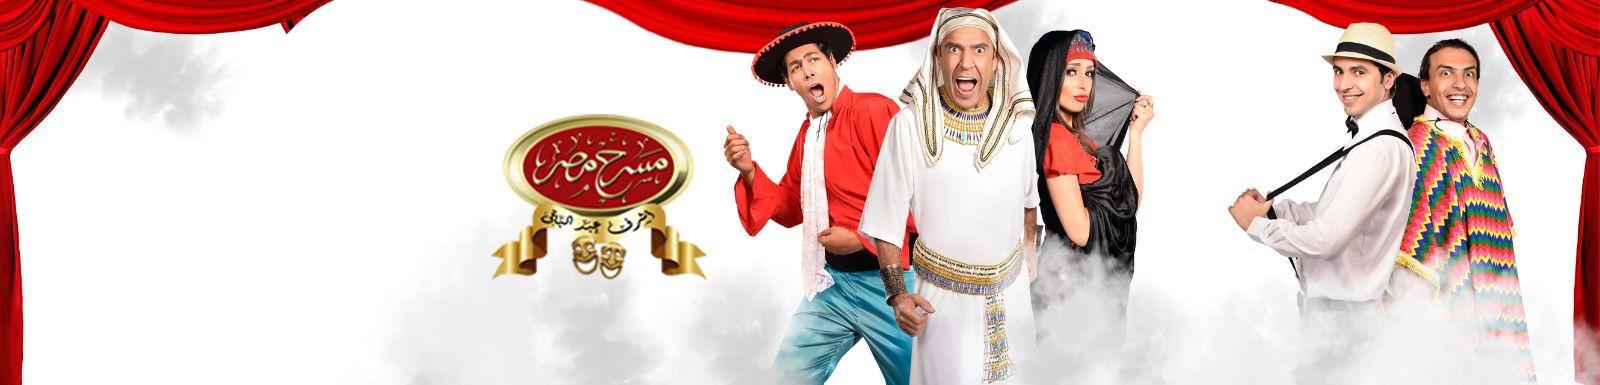 تحميل مسرحية مسرح مصر الحلقة 13 MBC shahid شاهد نت